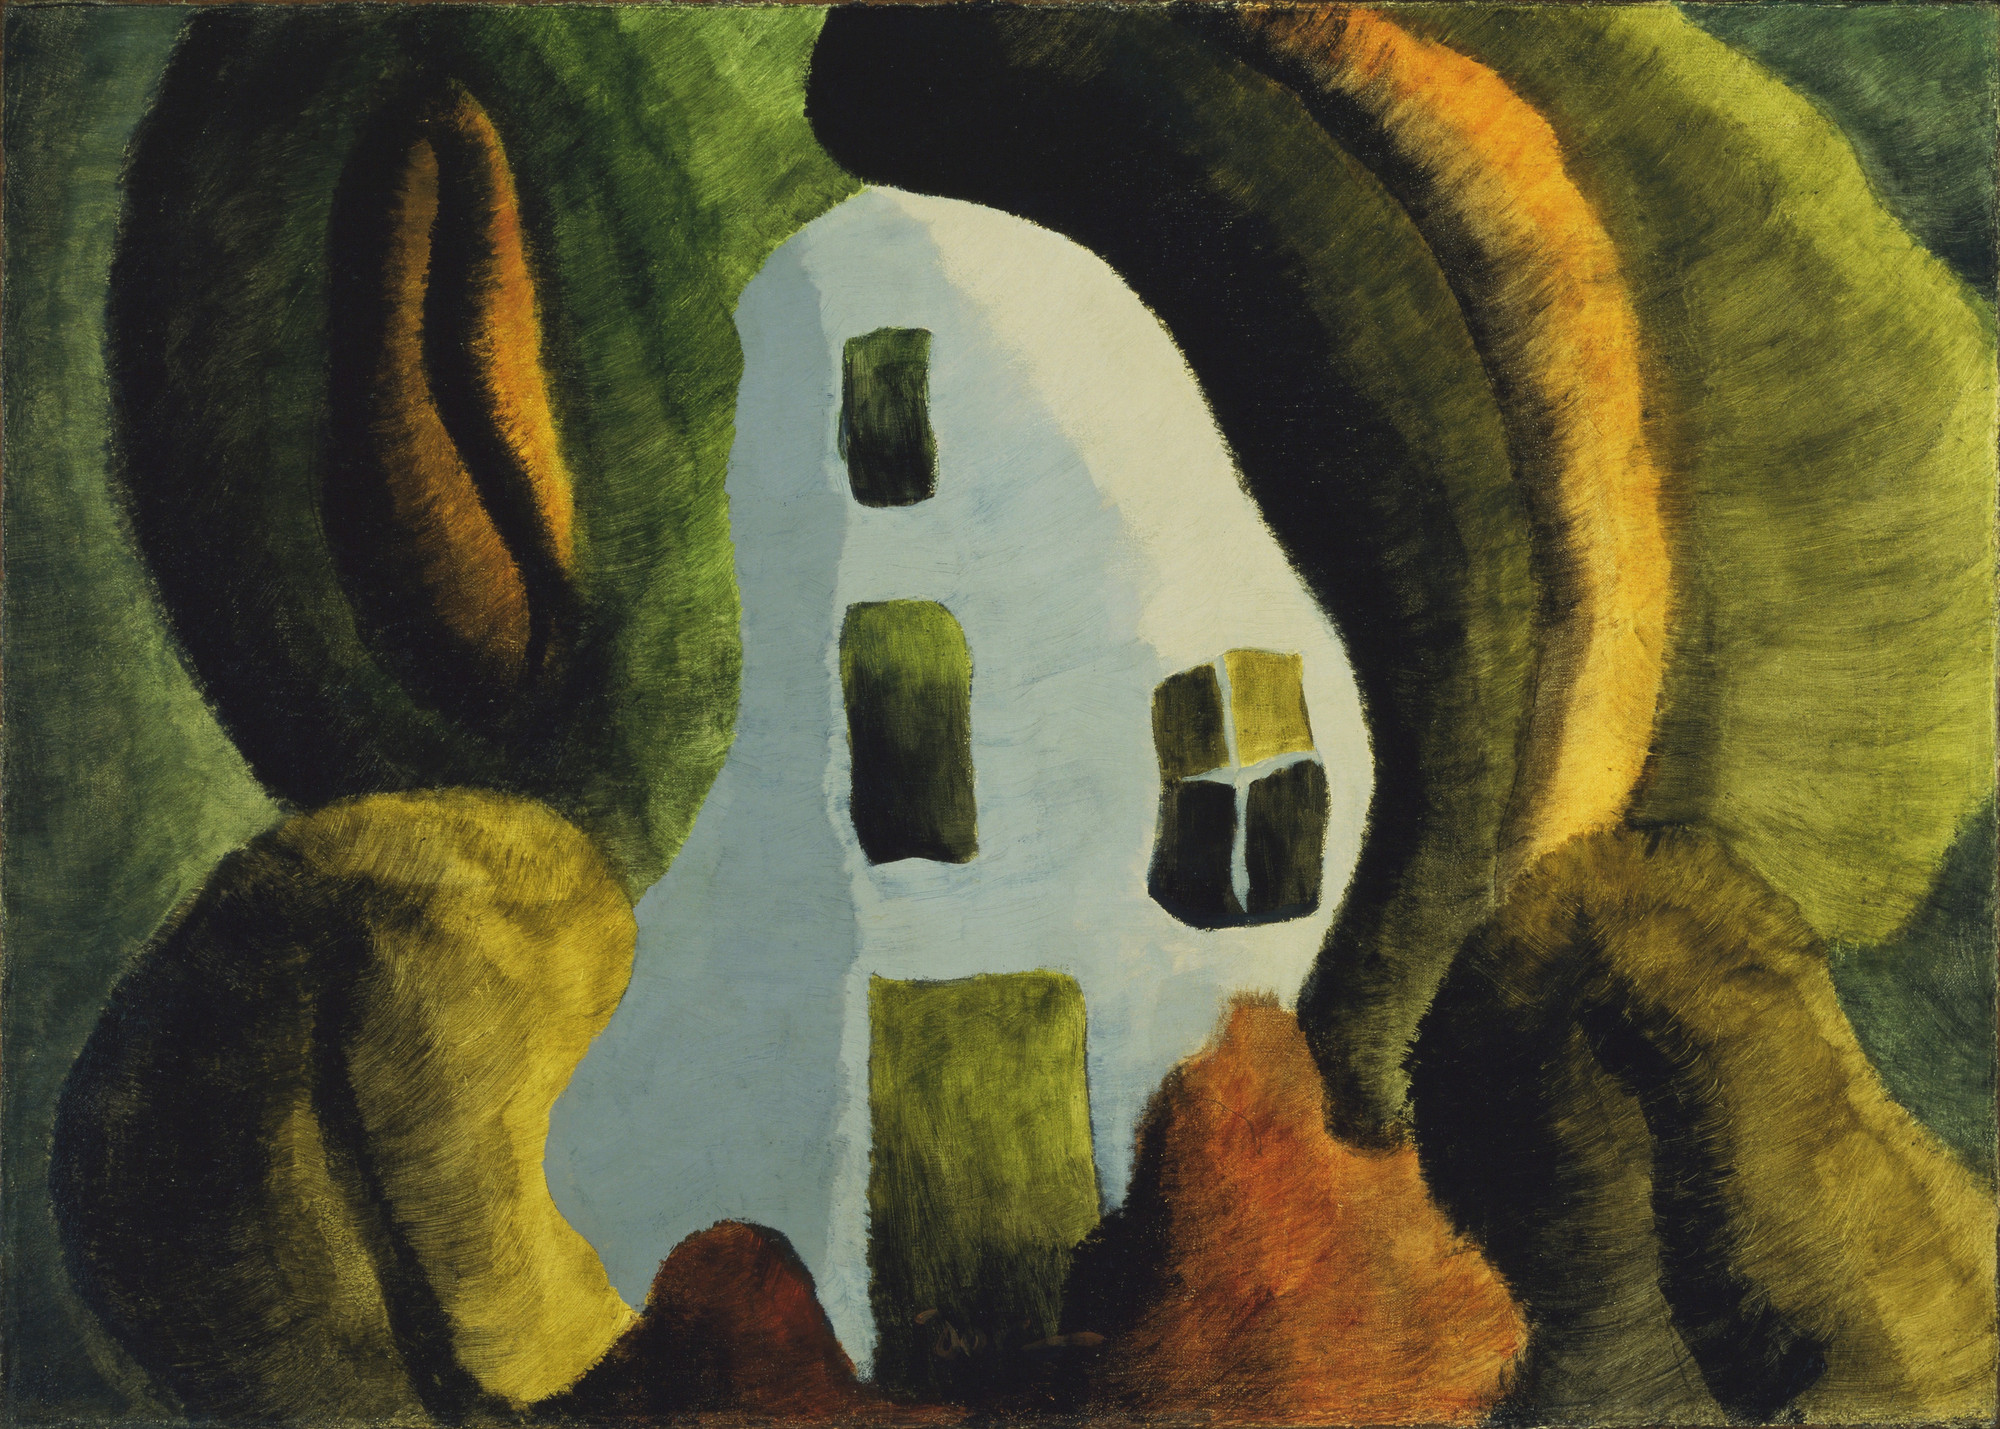 Arthur Dove | MoMA